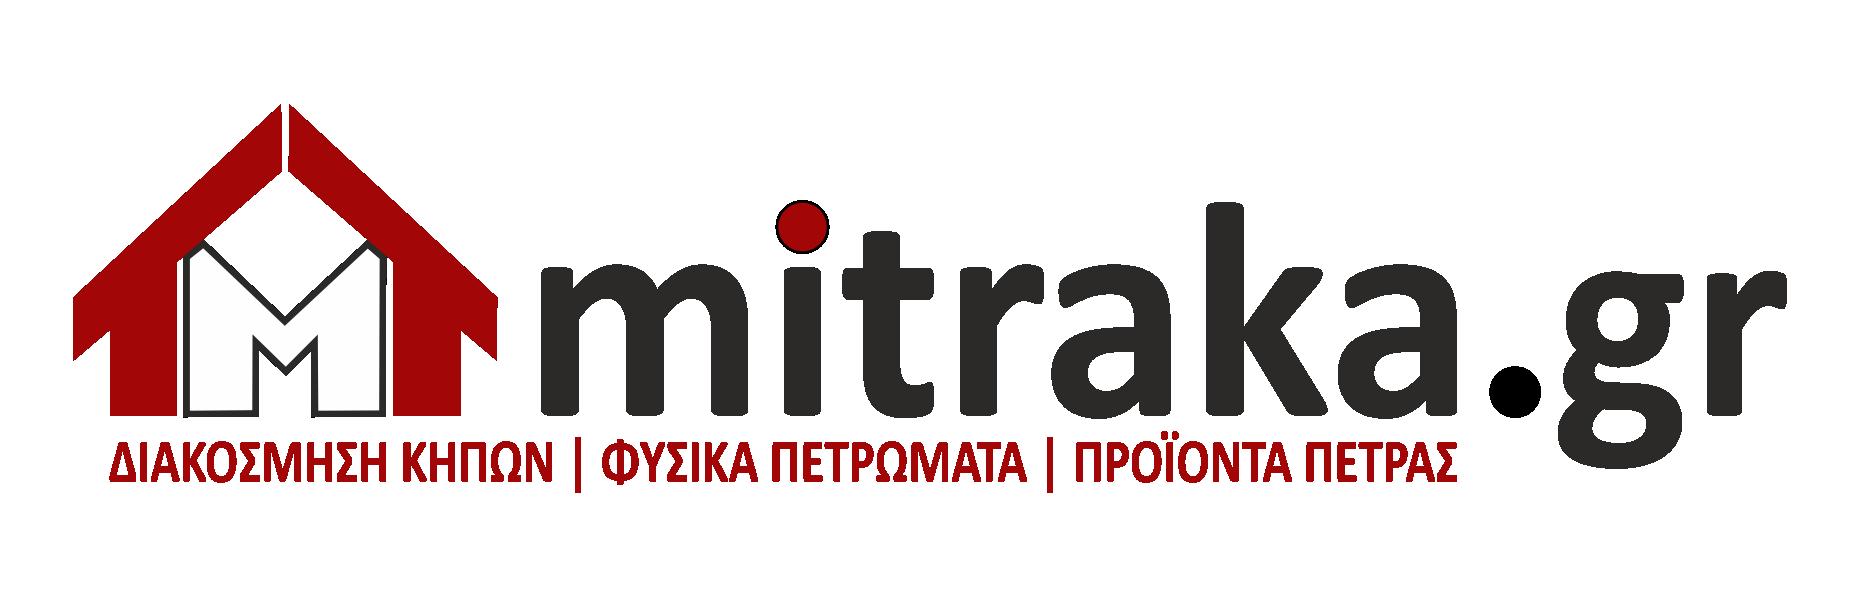 Mitraka.gr